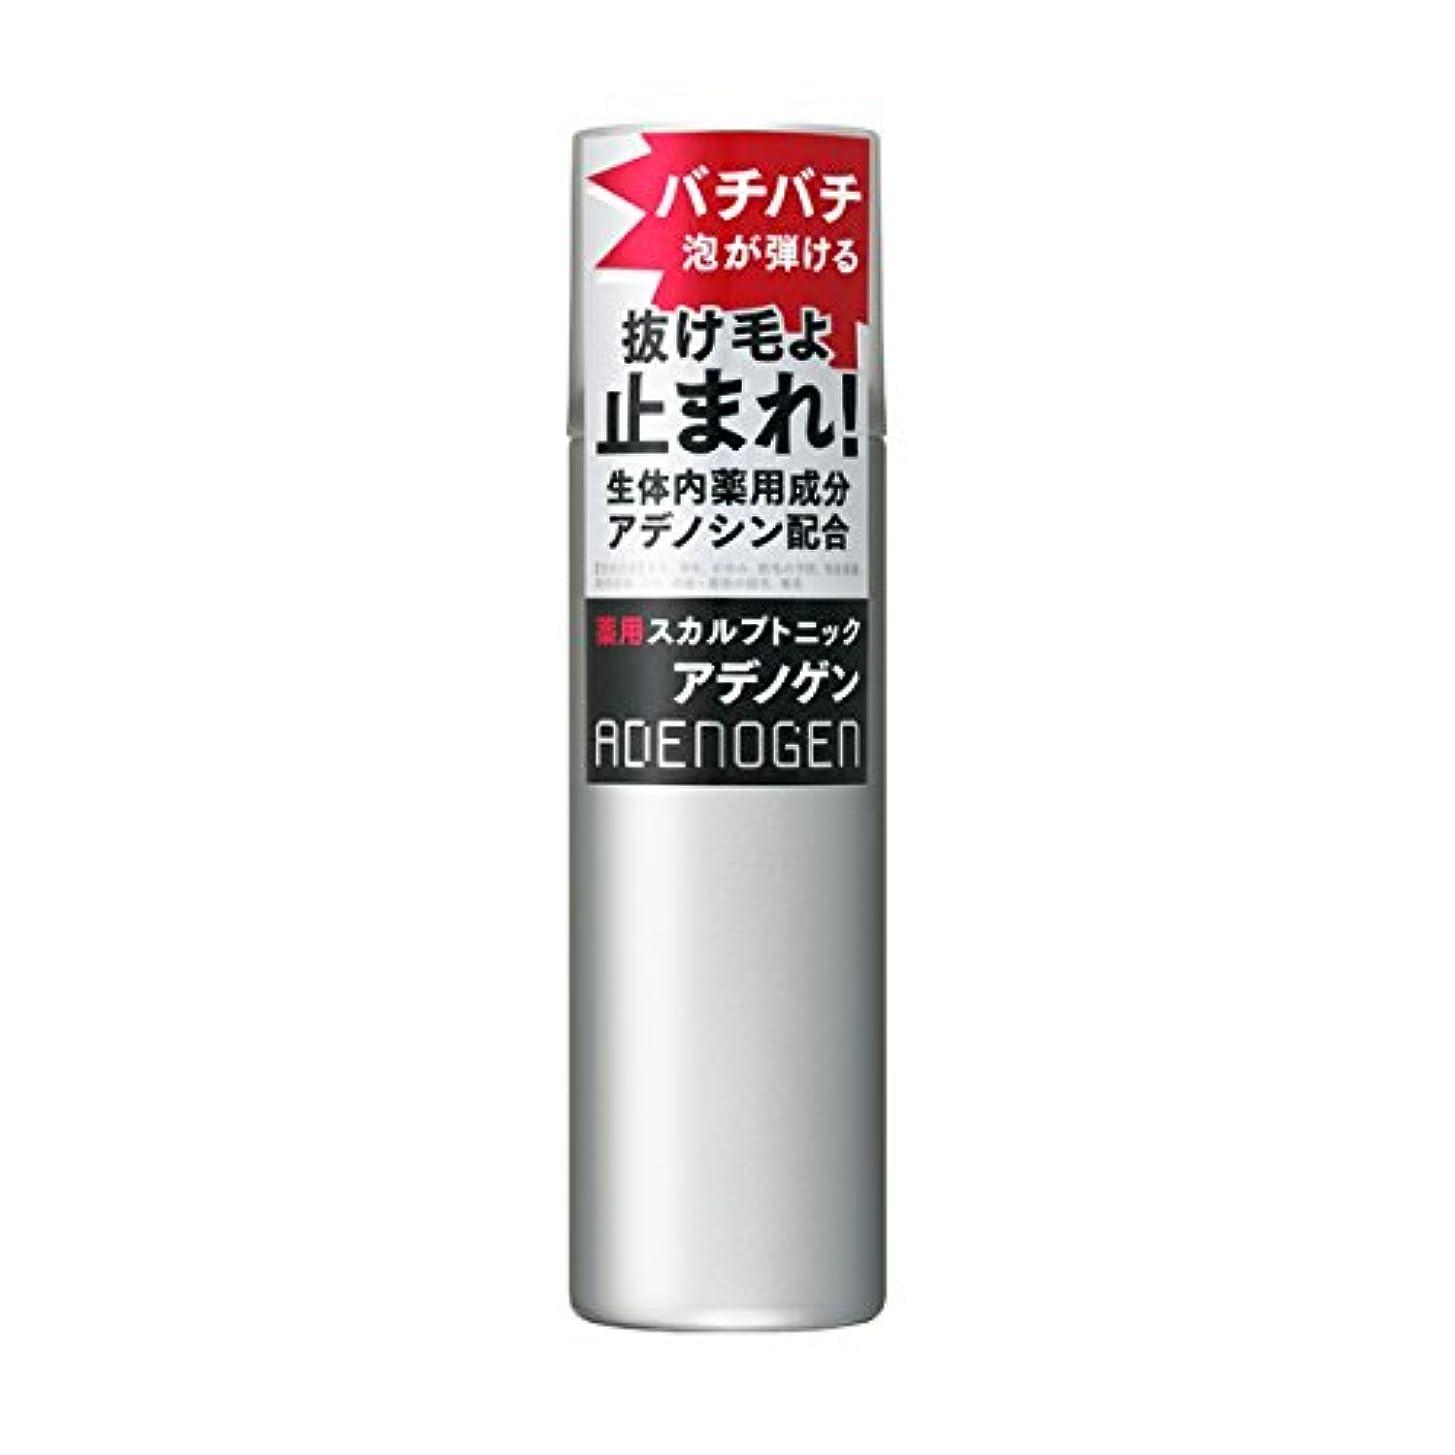 つなぐタイマー過去アデノゲン 薬用スカルプトニック 130g 【医薬部外品】